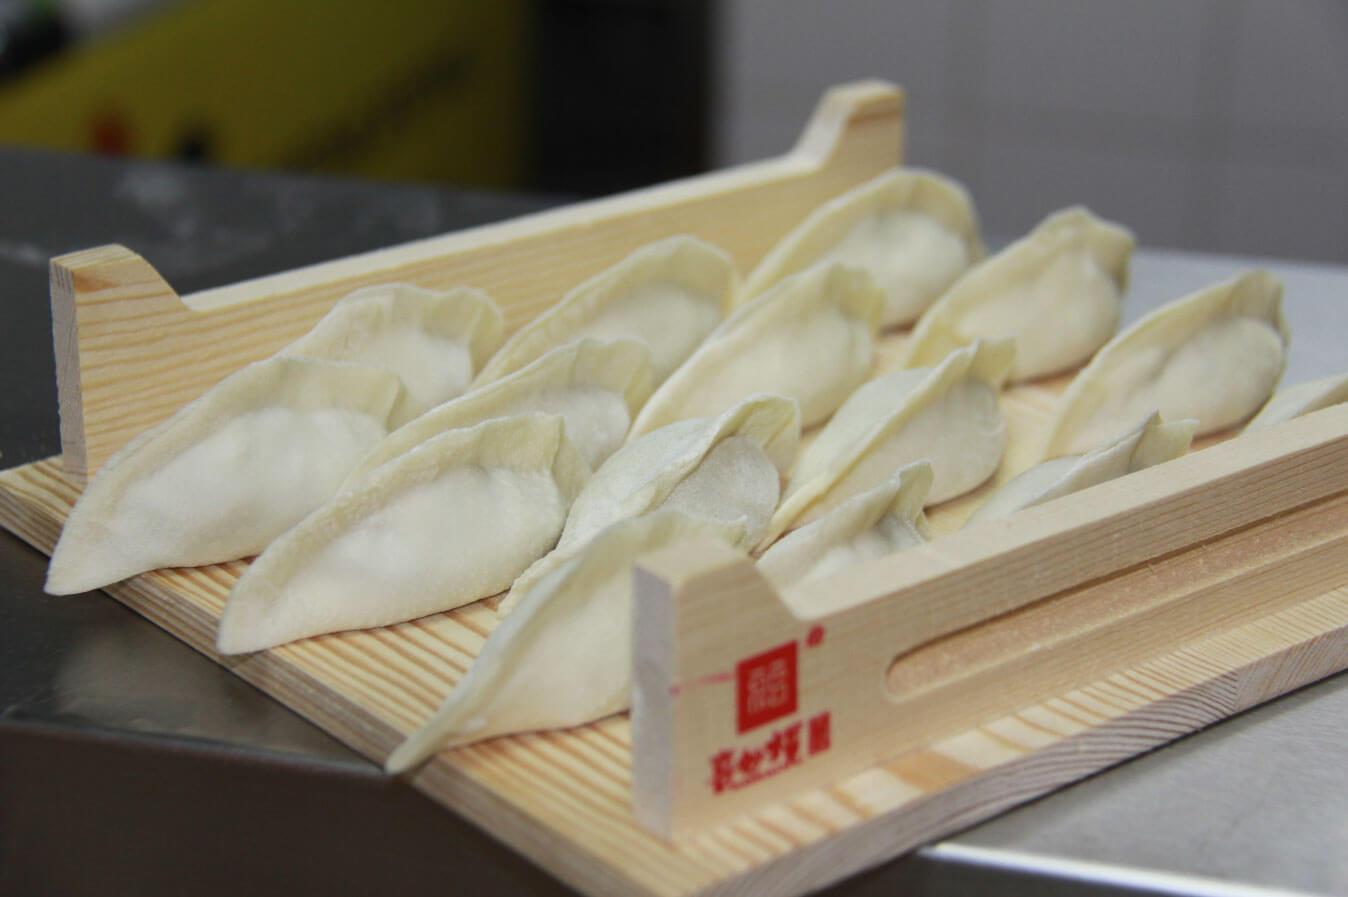 喜妙福水饺县城加盟条件是什么?